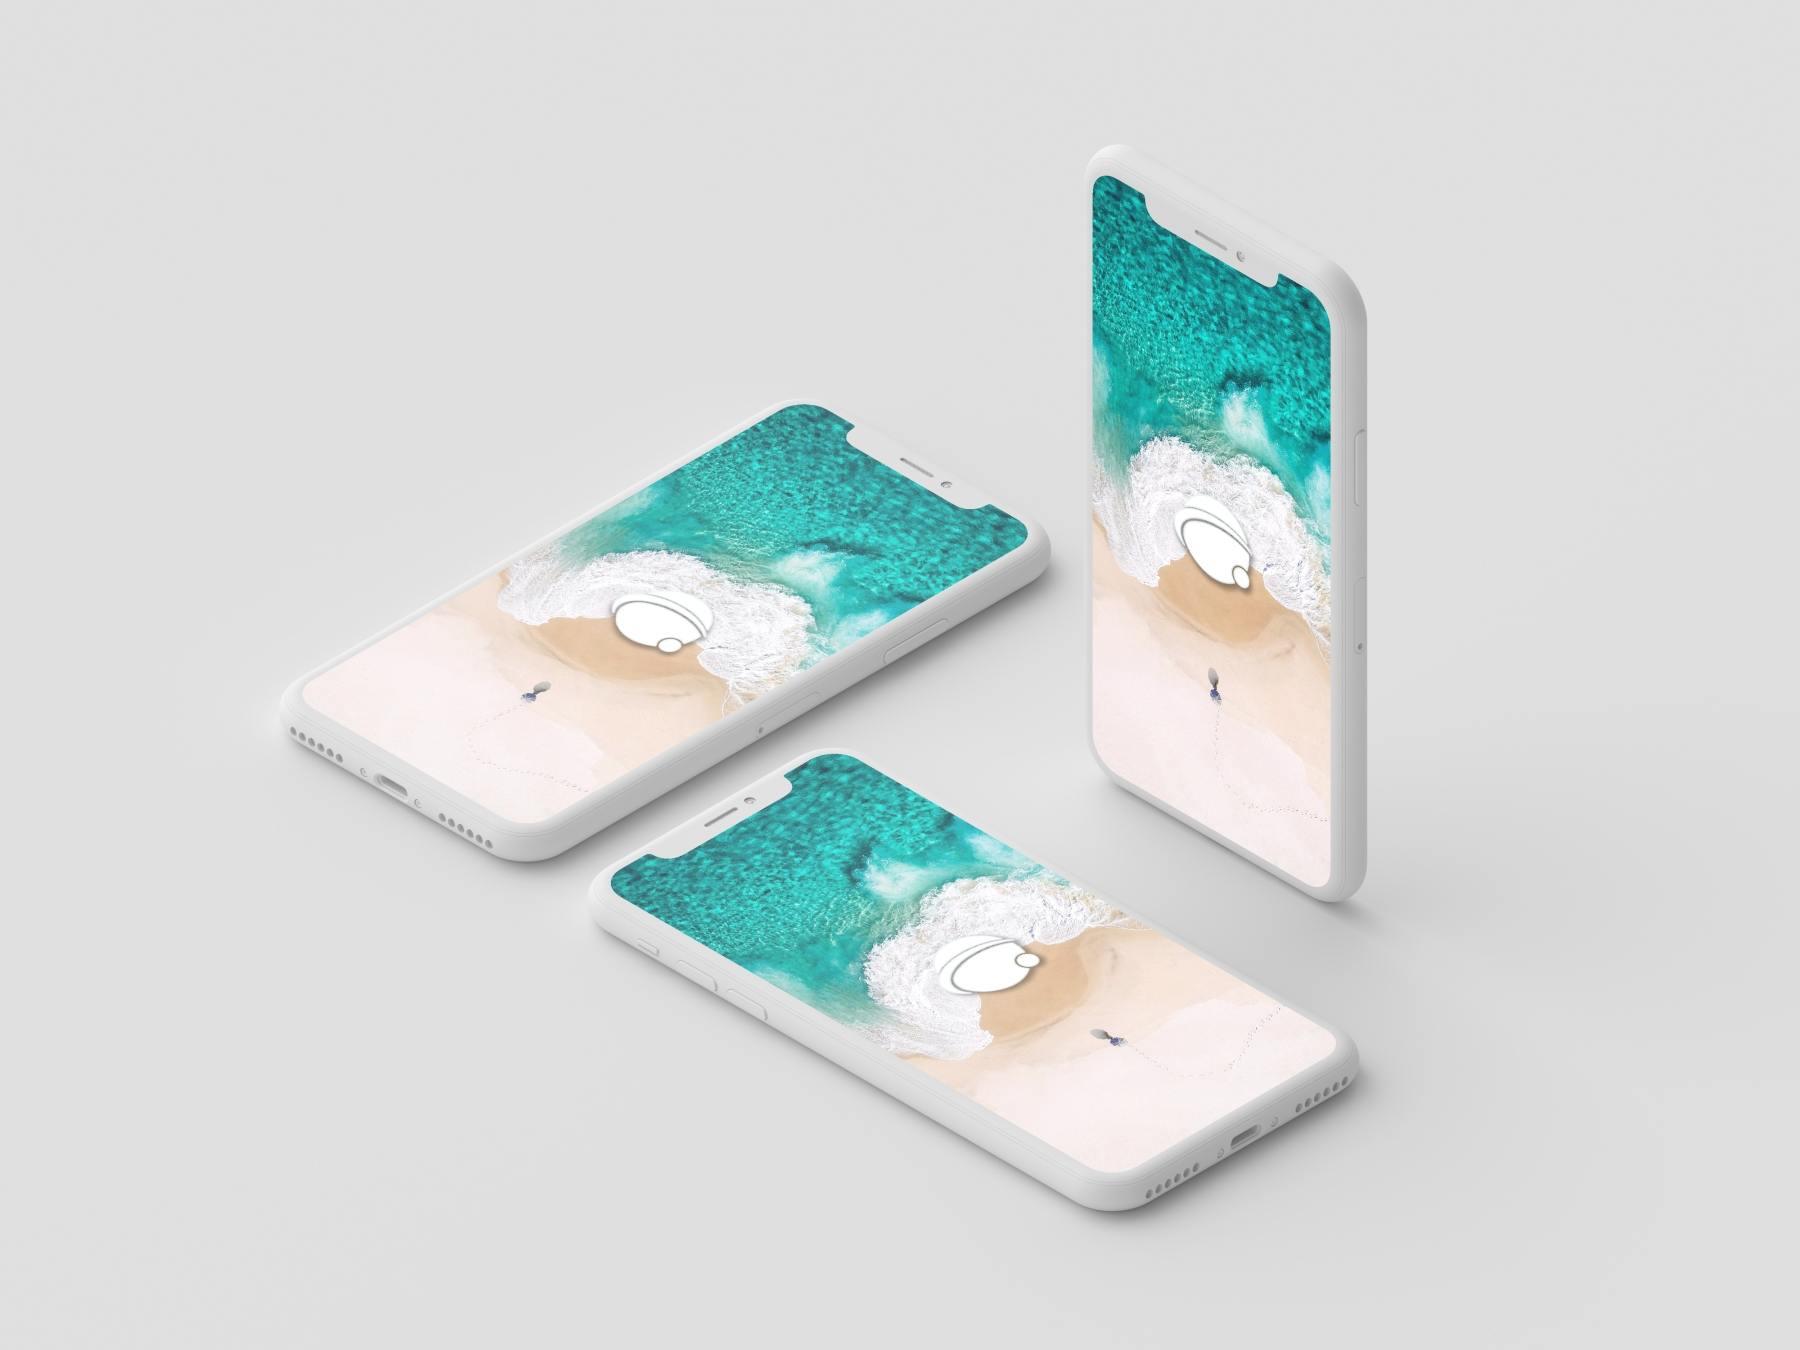 1569727097 3144e1a5ce42a0c - 苹果iPhoneX UI样机